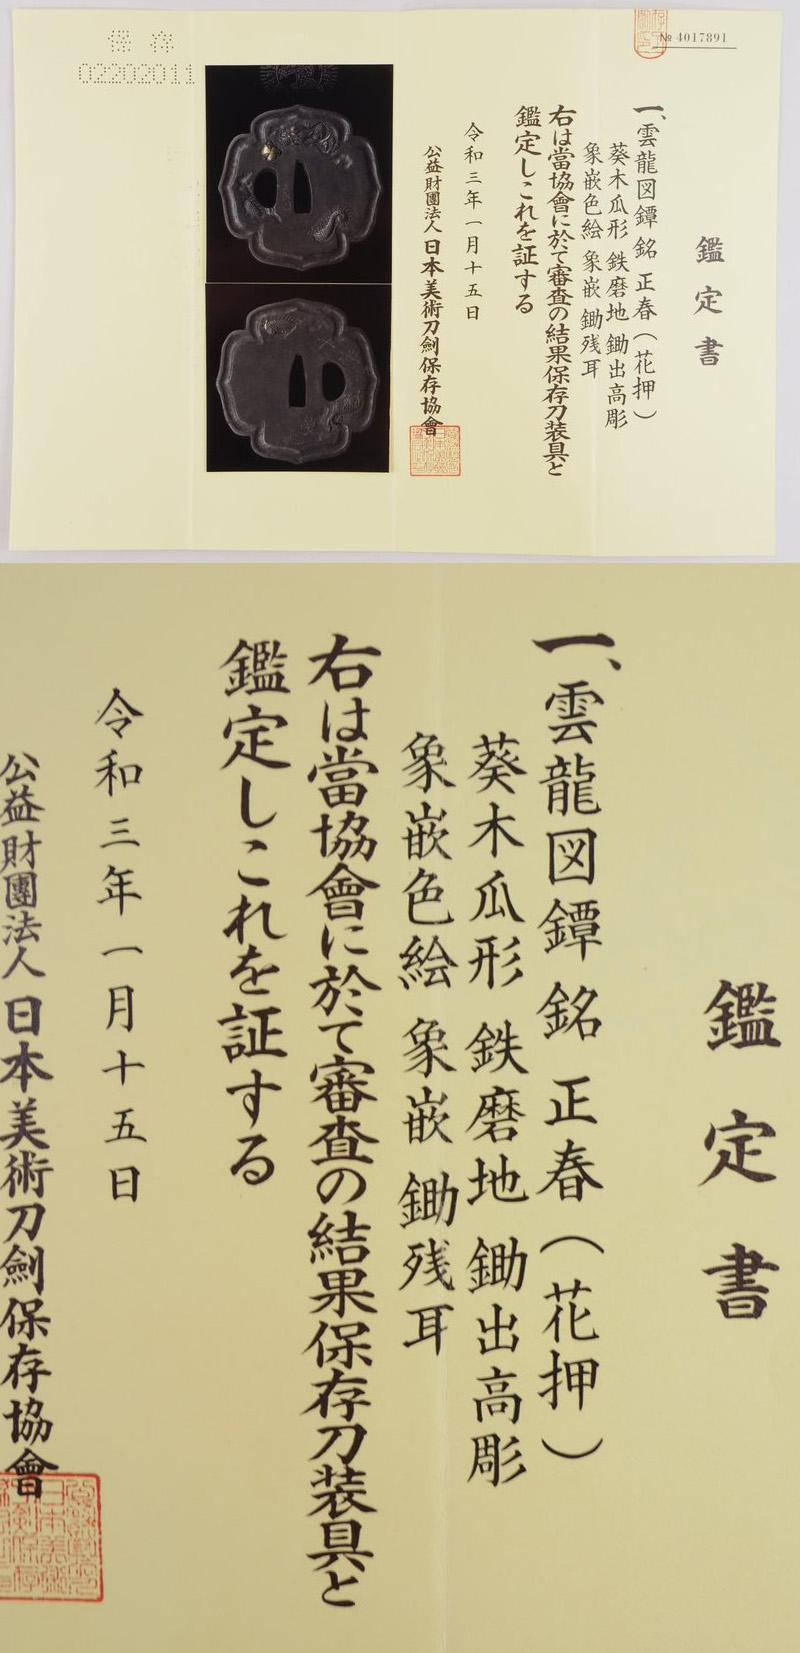 雲龍図鍔 正春(花押)鑑定書画像